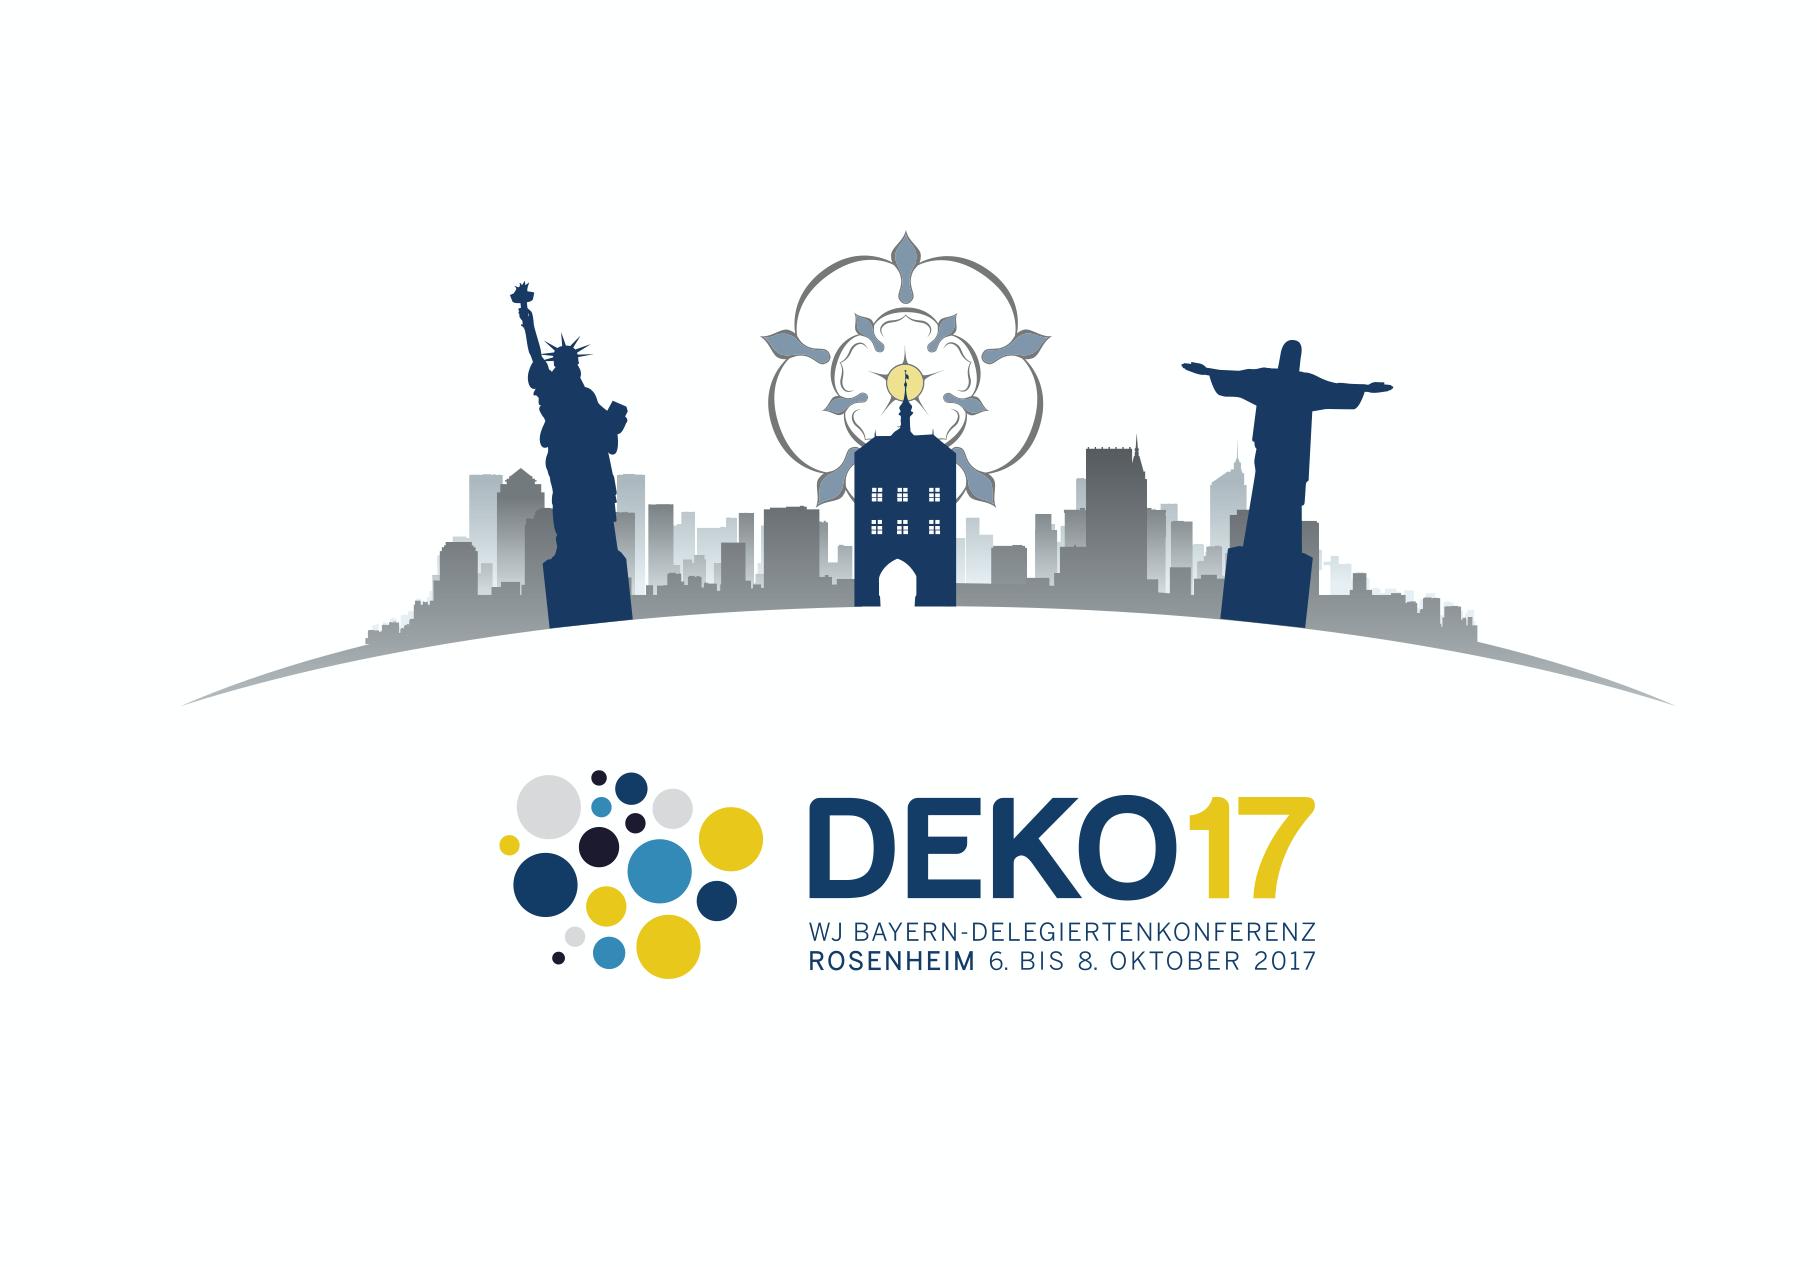 DeKo 2017 - Bayerische Jungunternehmer tagen in Rosenheim